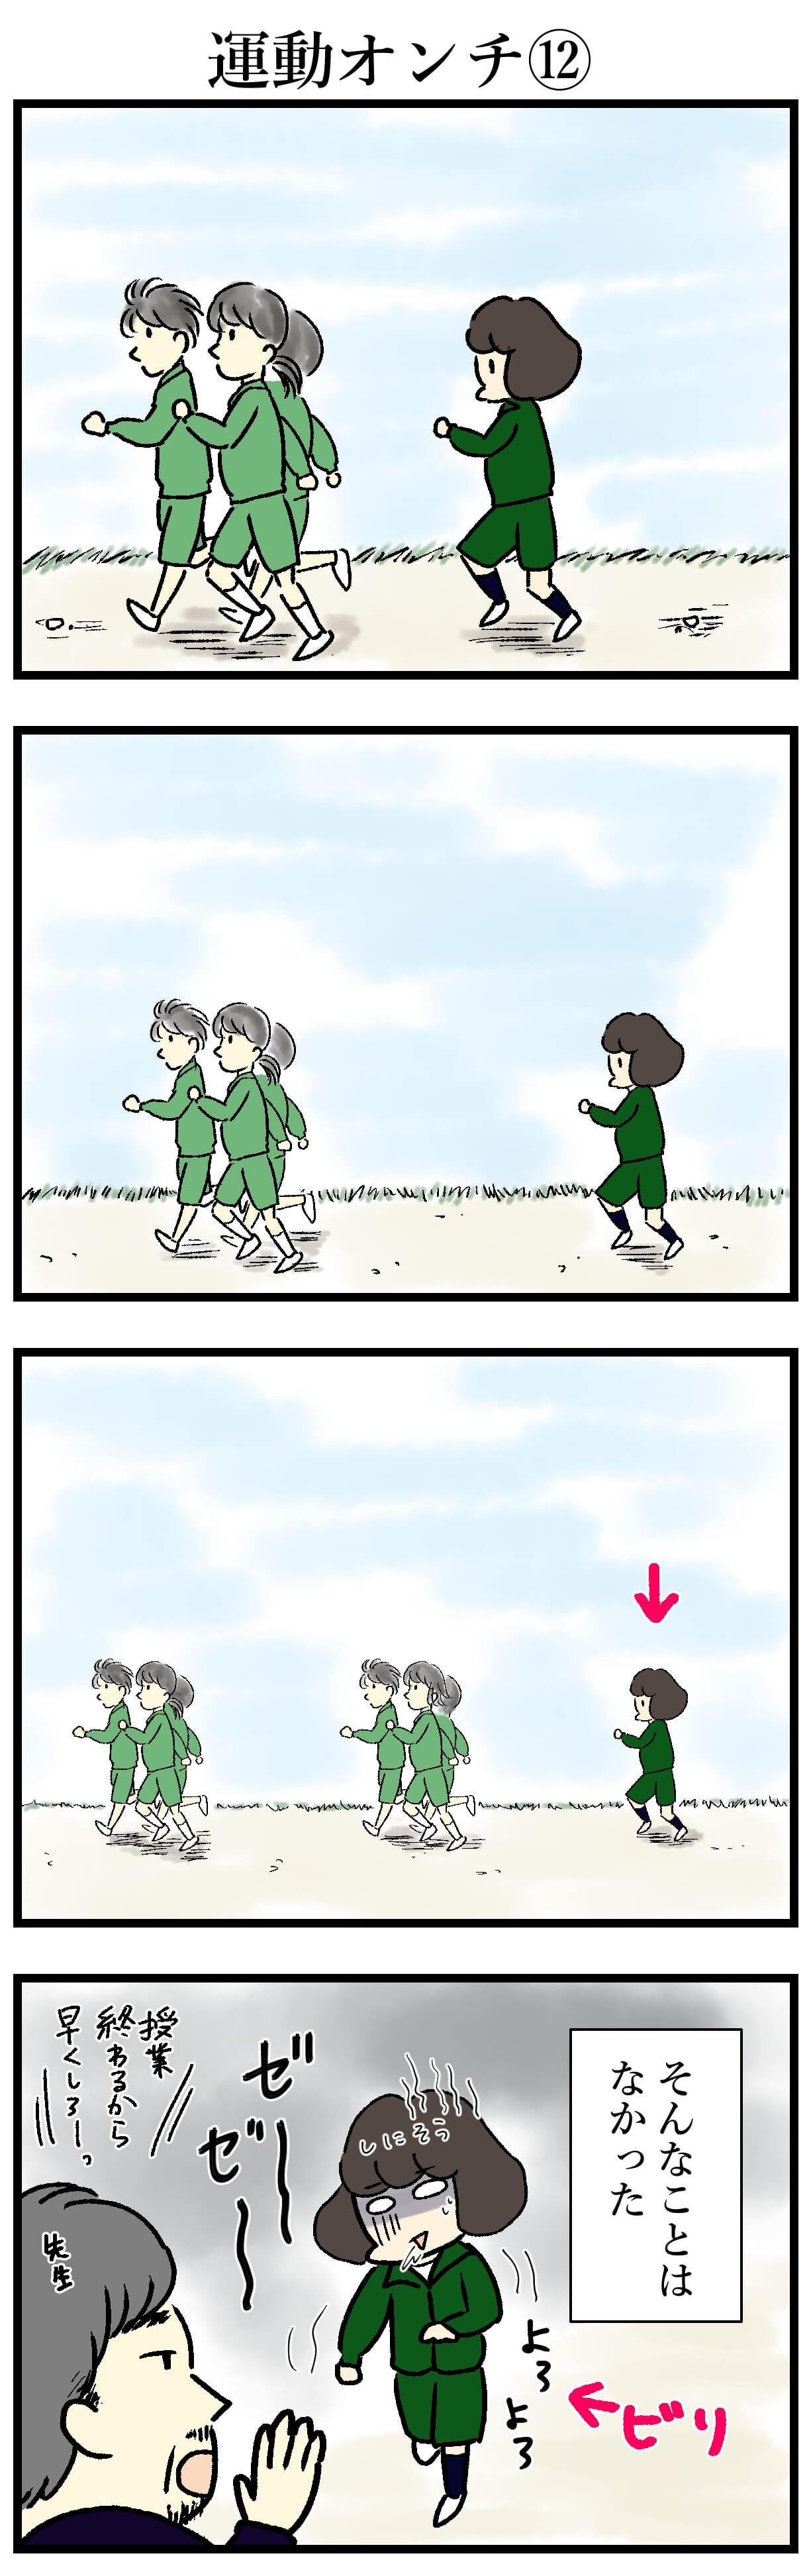 【エッセイ漫画】アラサー主婦くま子のふがいない日常(92)